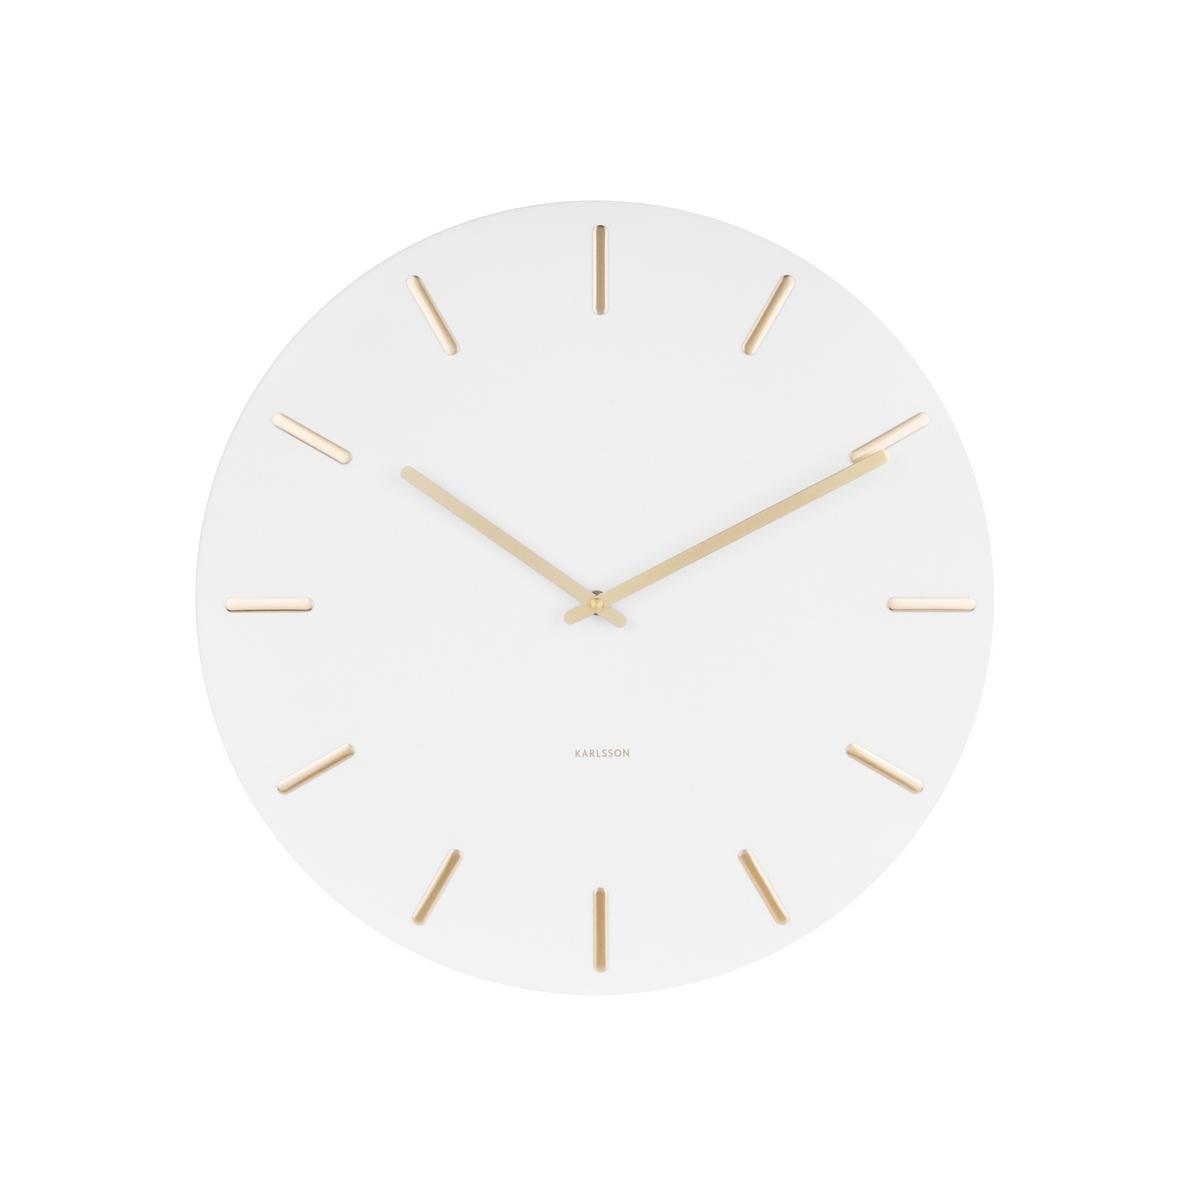 Karlsson 5716WH 45cm nástenné hodiny